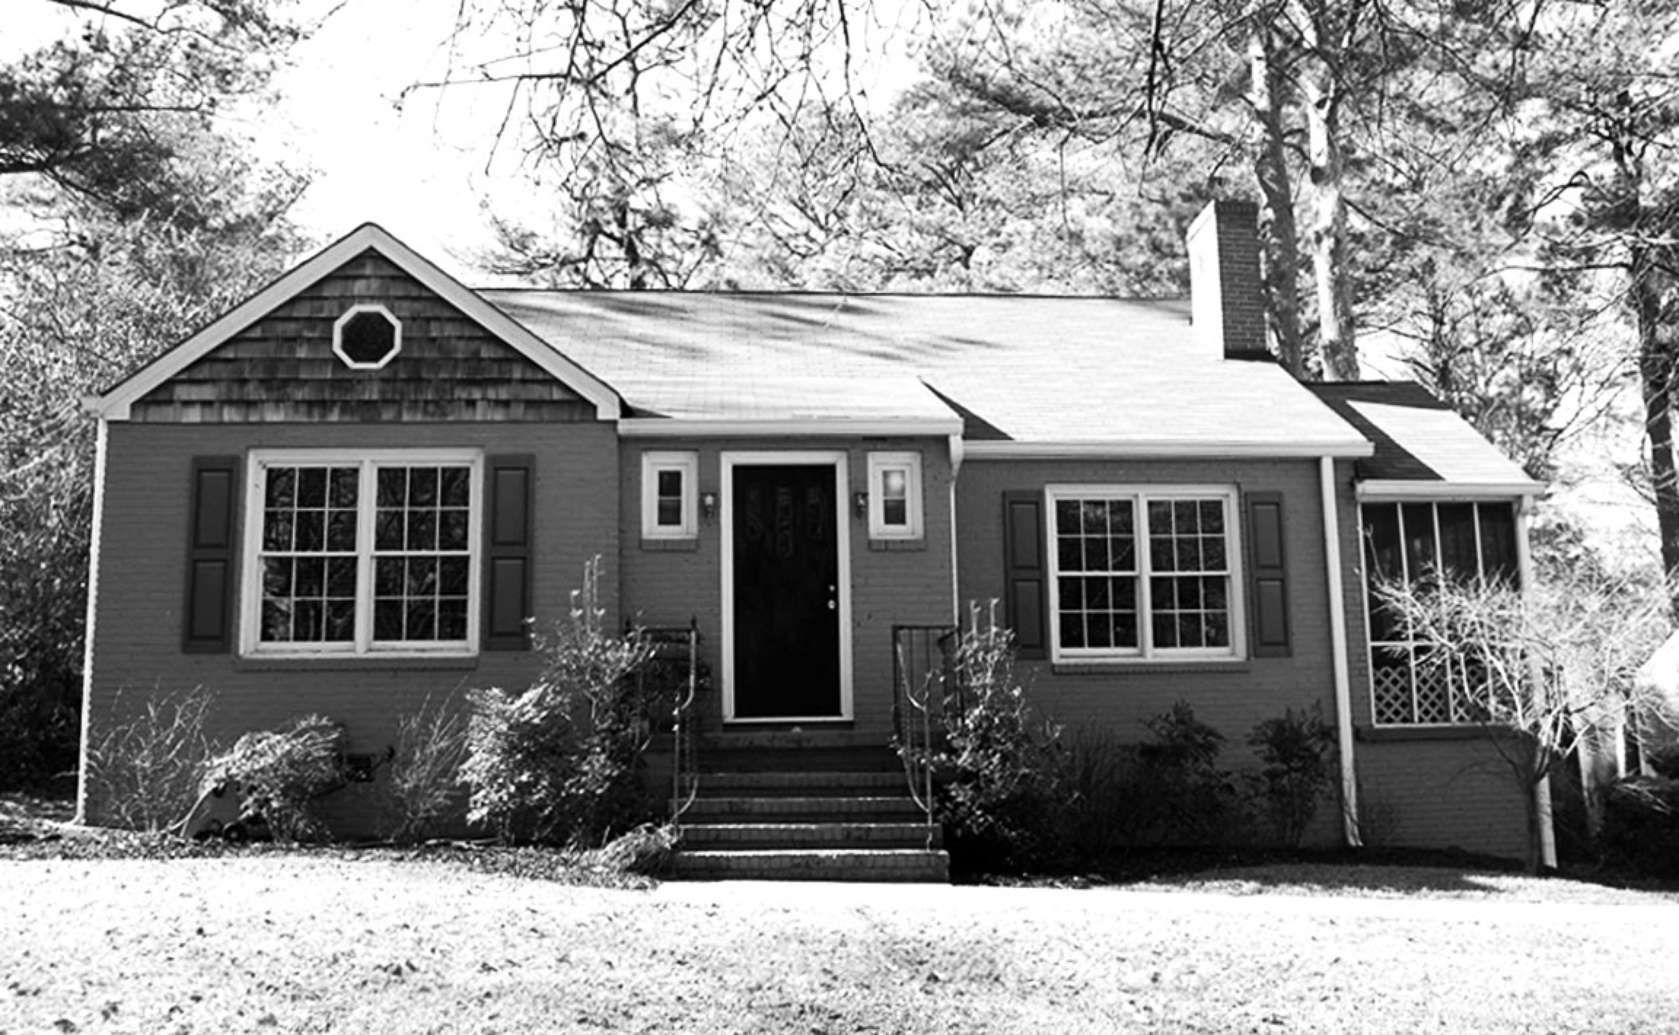 Villa Estherbee by lightroom studio. One of my favorite houses in Atlanta